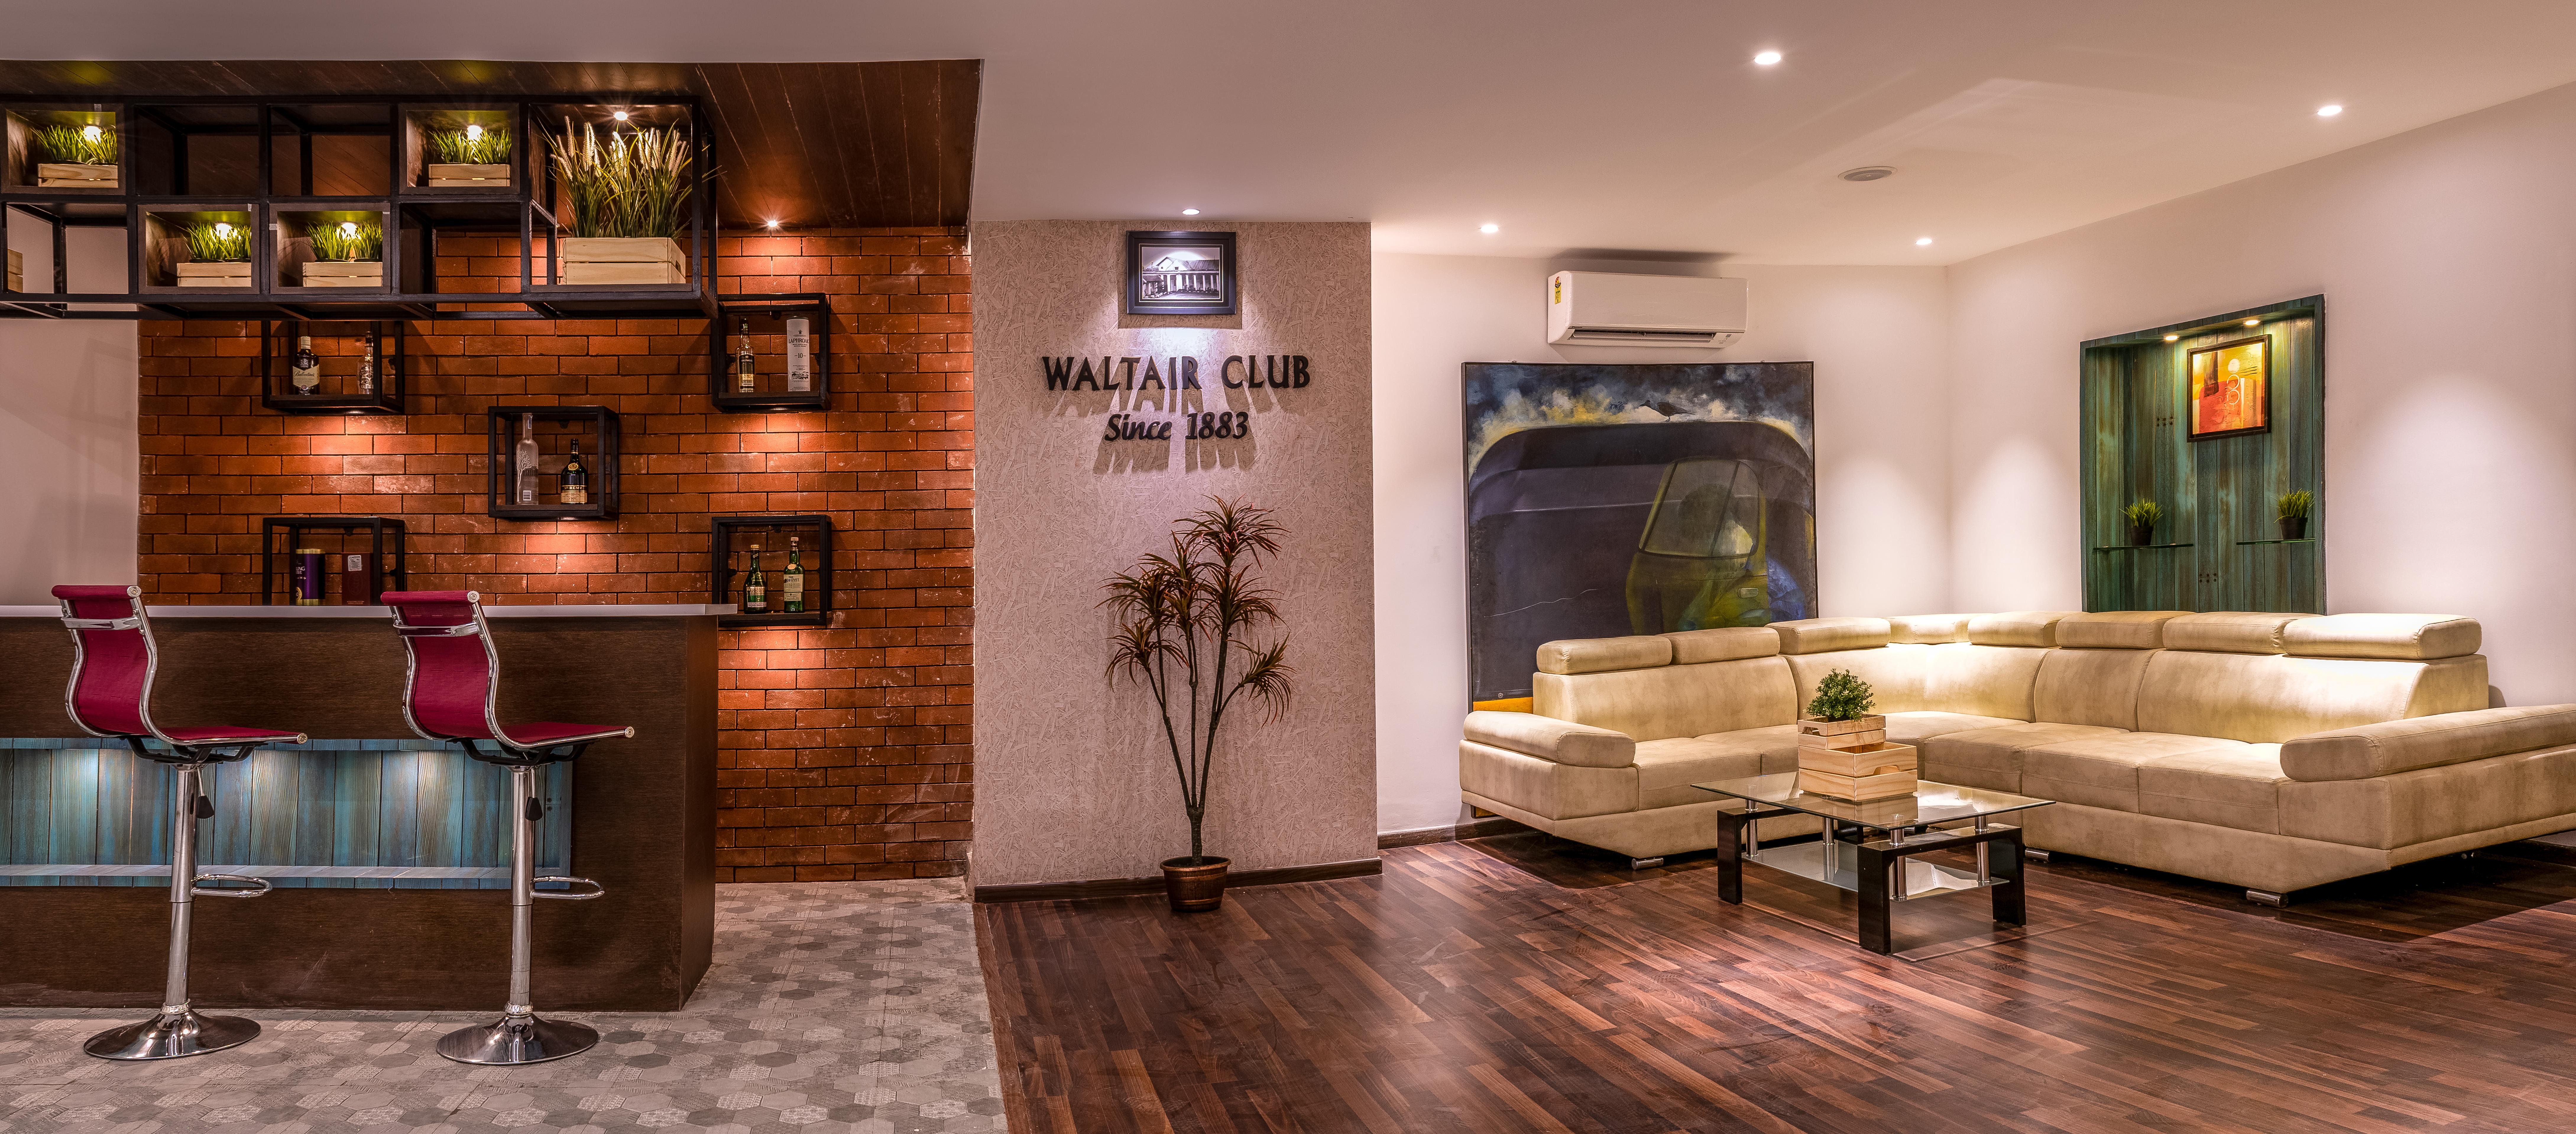 Waltair club (6 of 13)